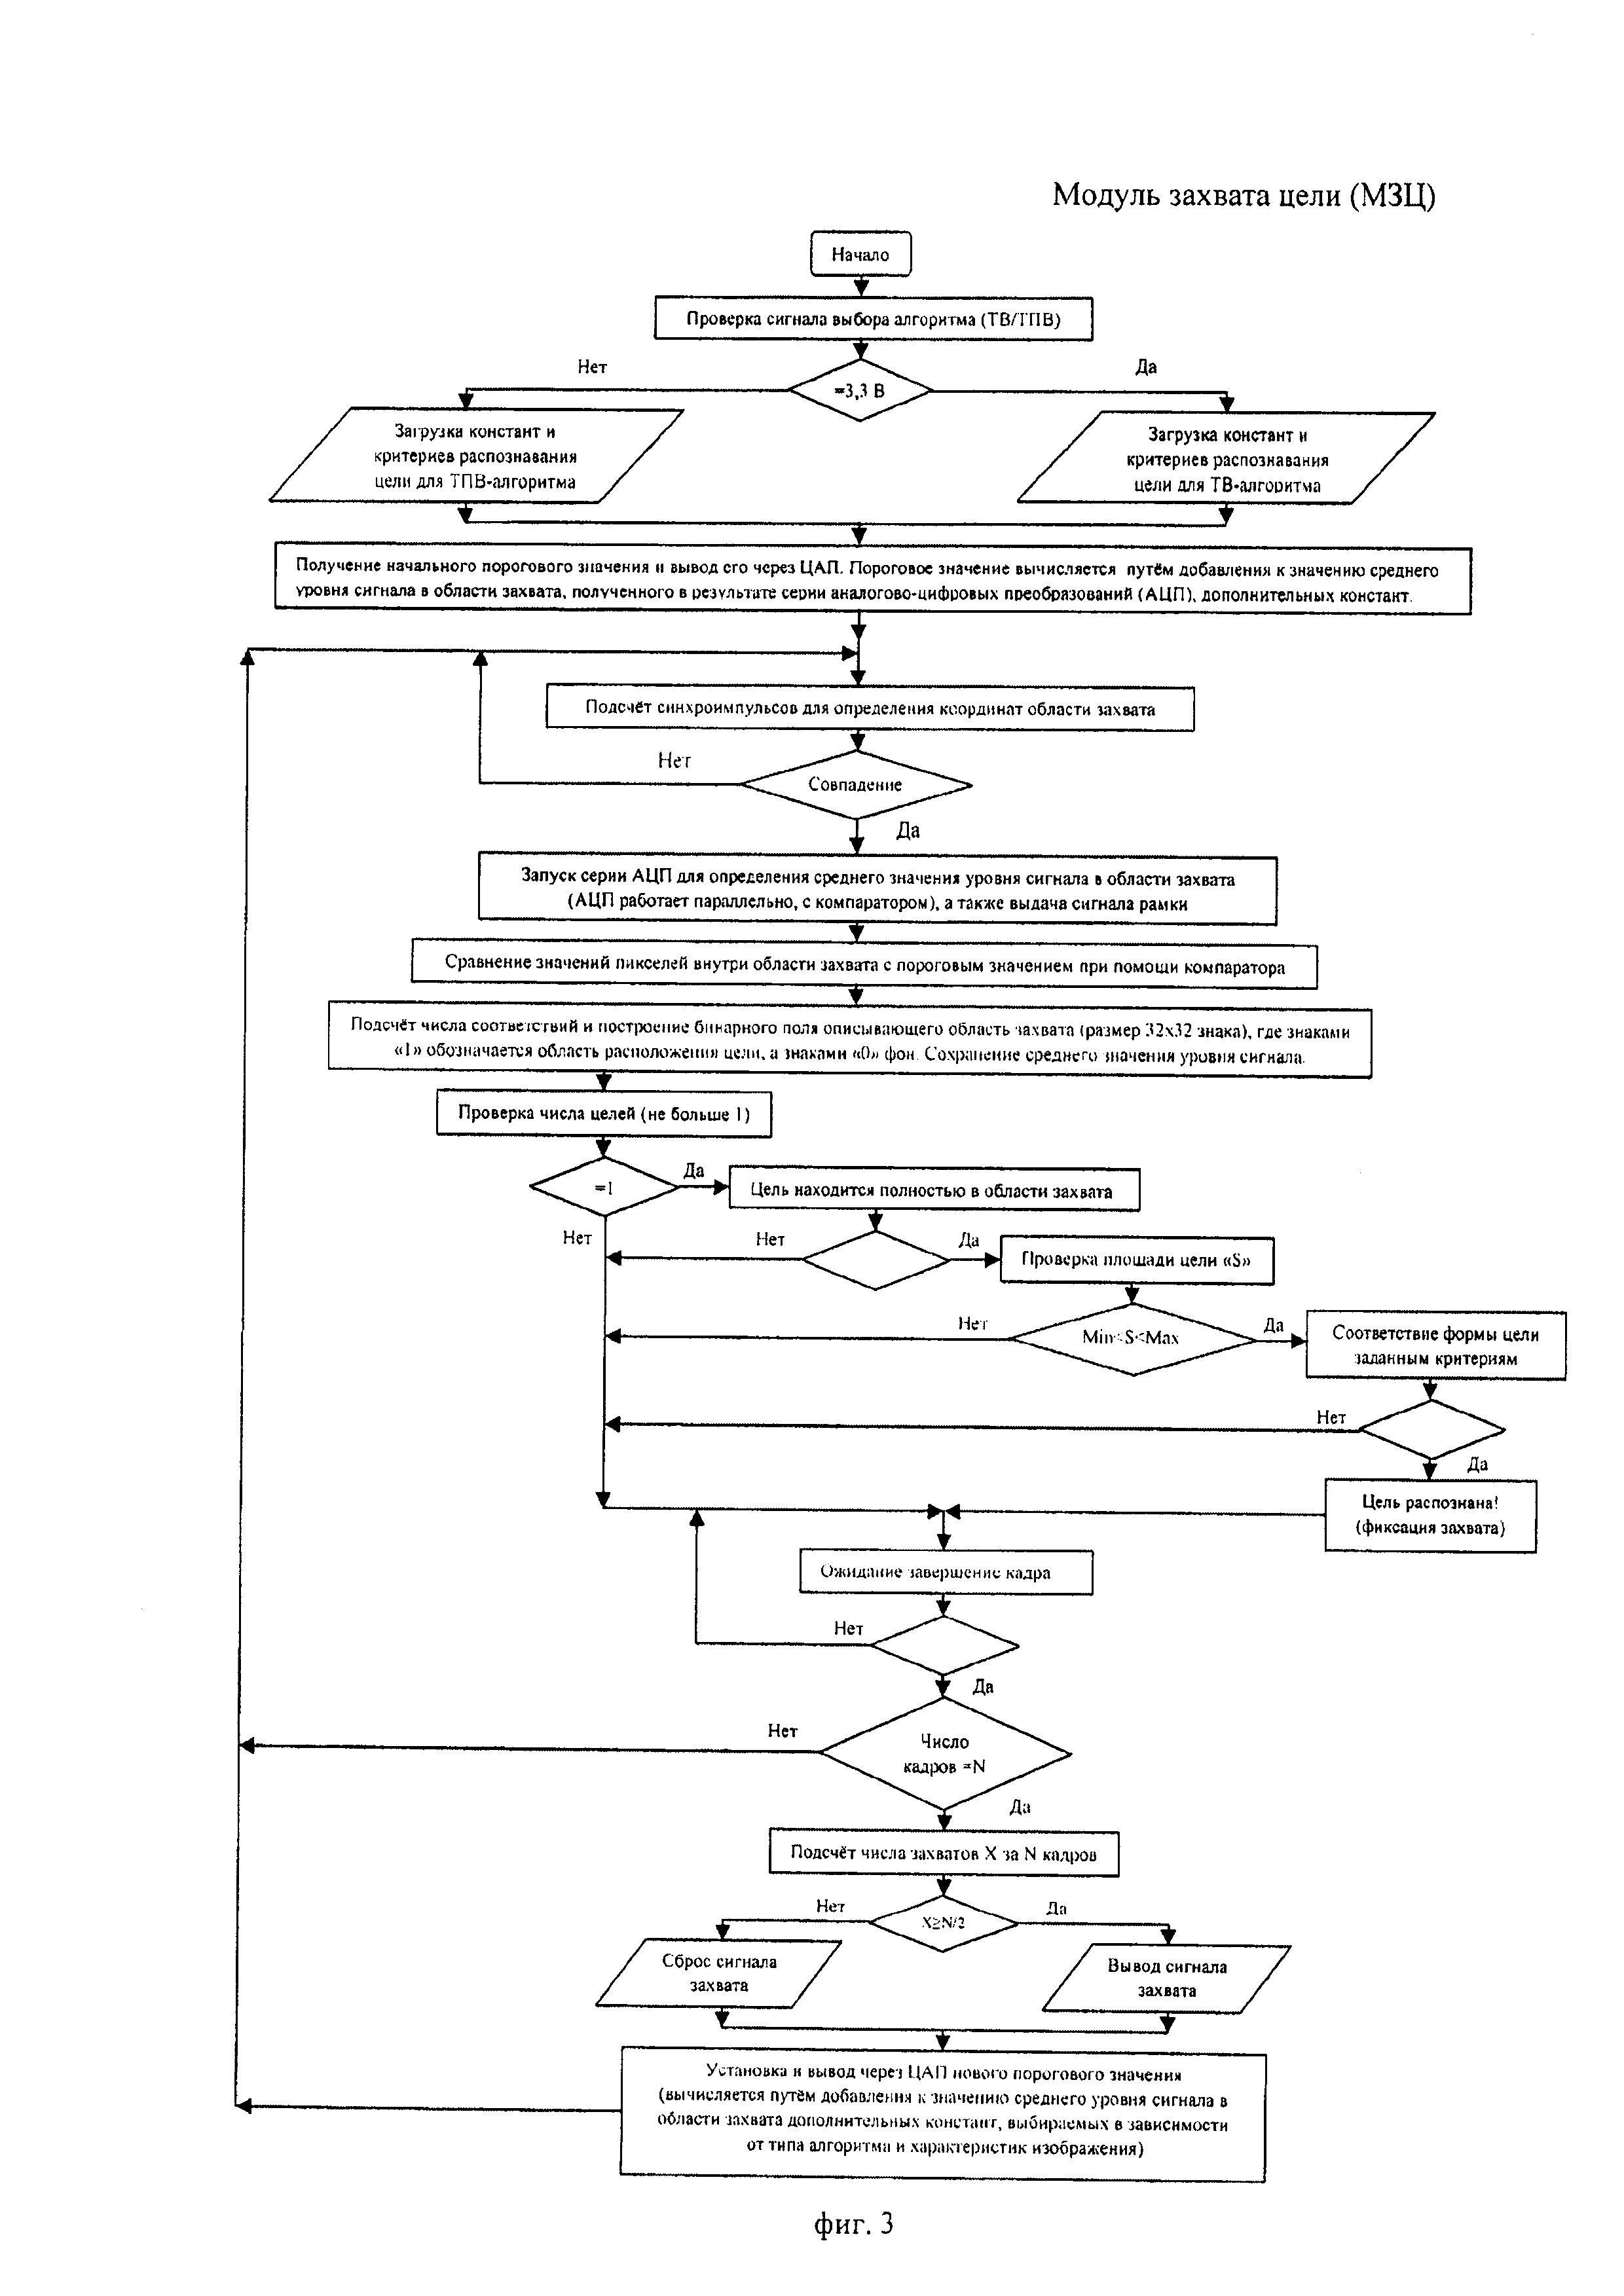 Модуль захвата цели